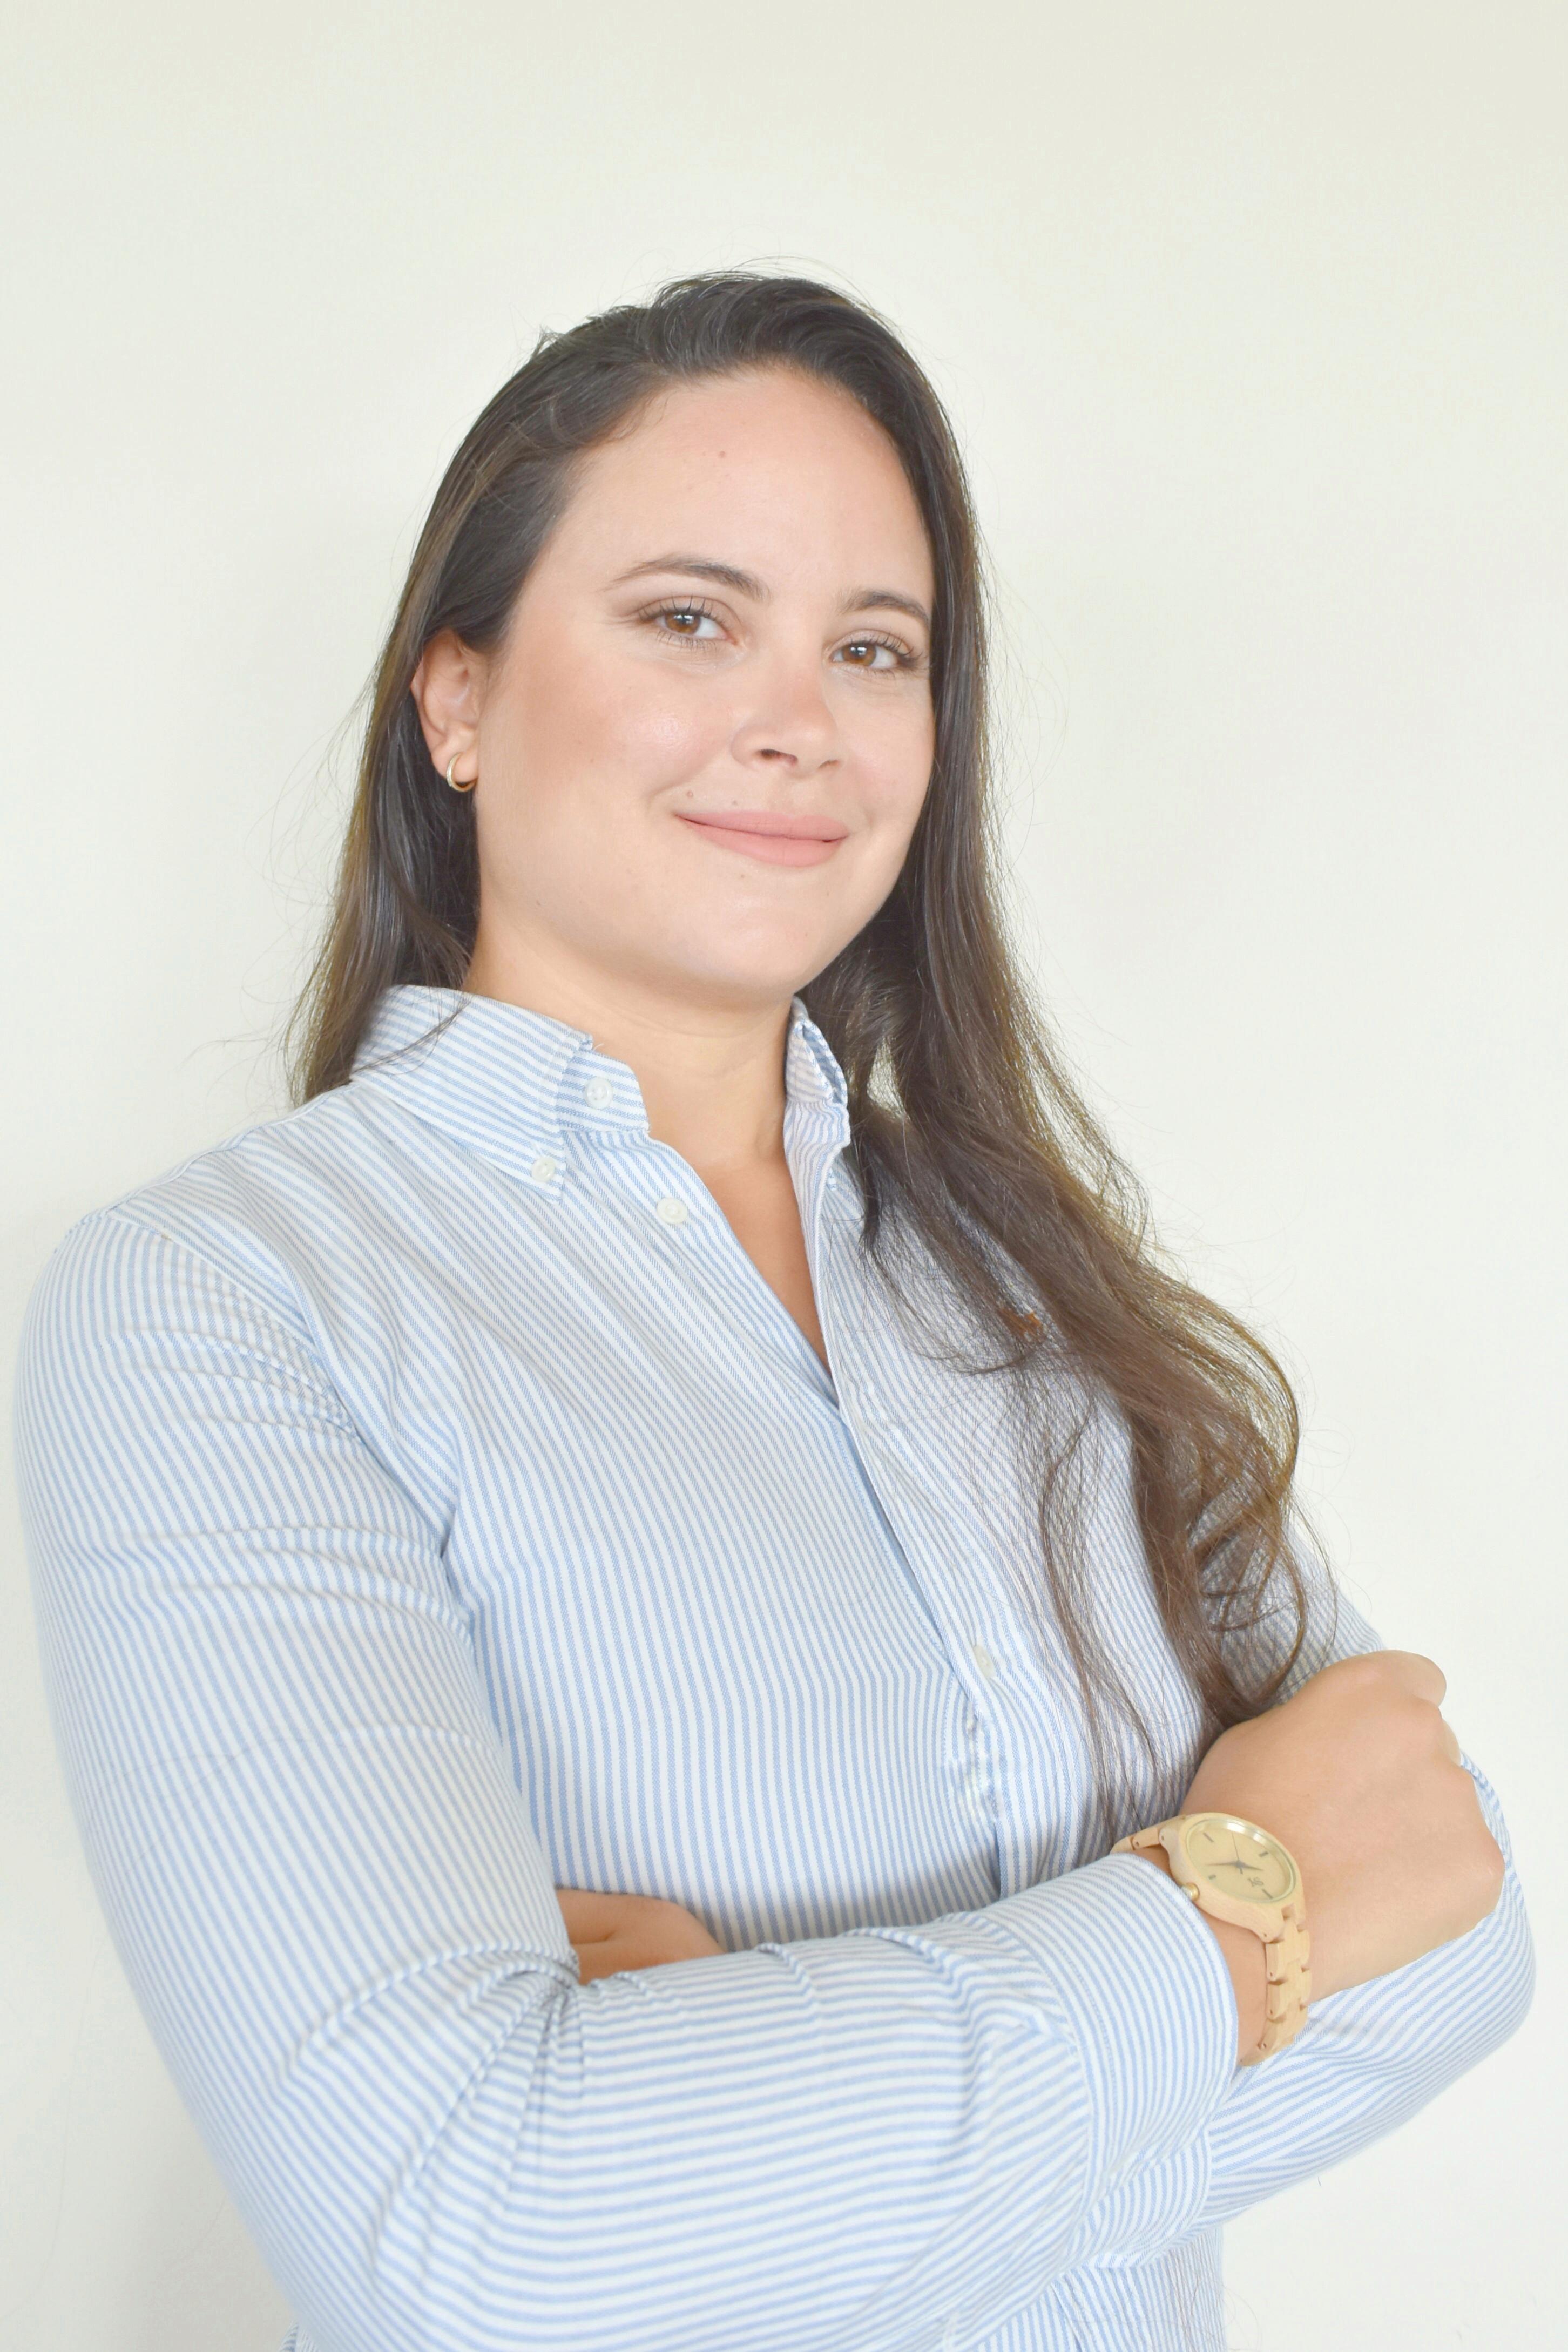 Salma Bouzgarrou